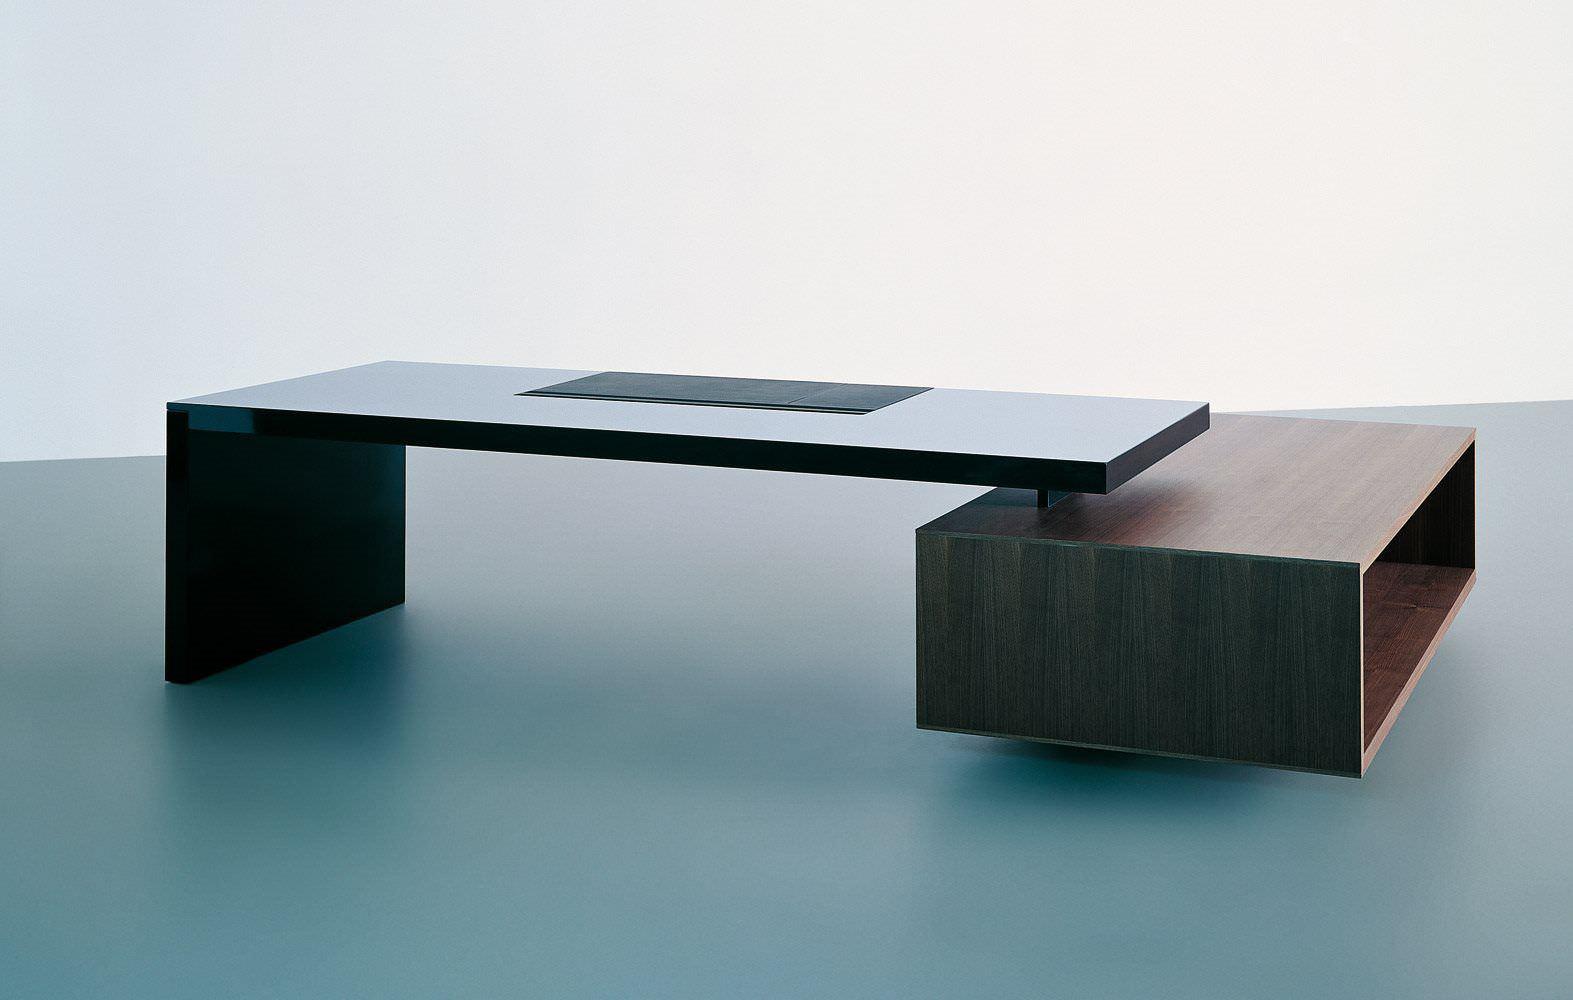 Schreibtisch modern  Executive desk / wooden / glass / contemporary - ASYMMETRICAL - TECNO